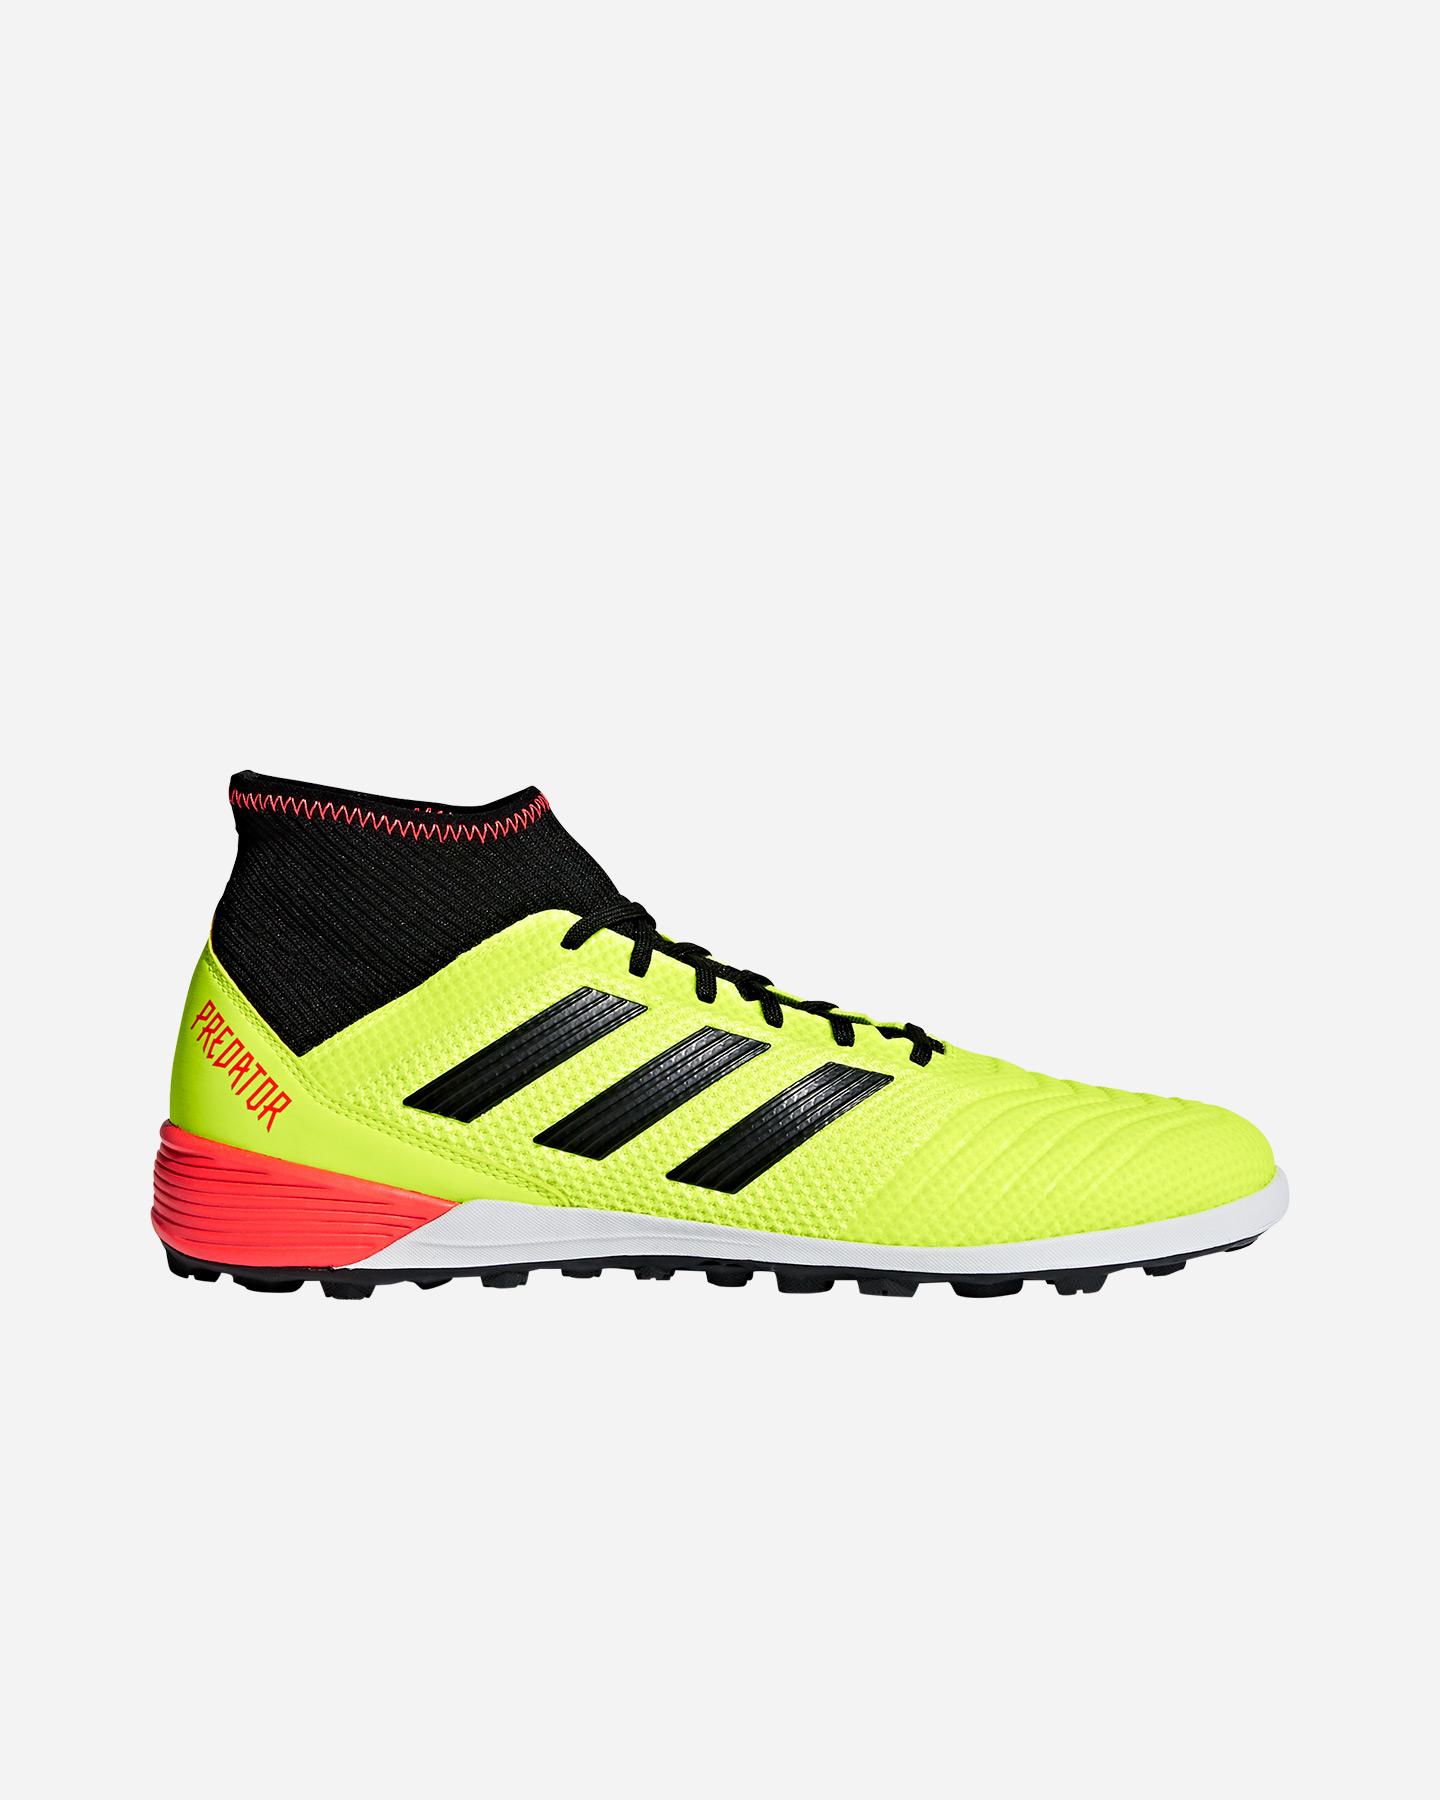 scarpe calcetto adidas cisalfa